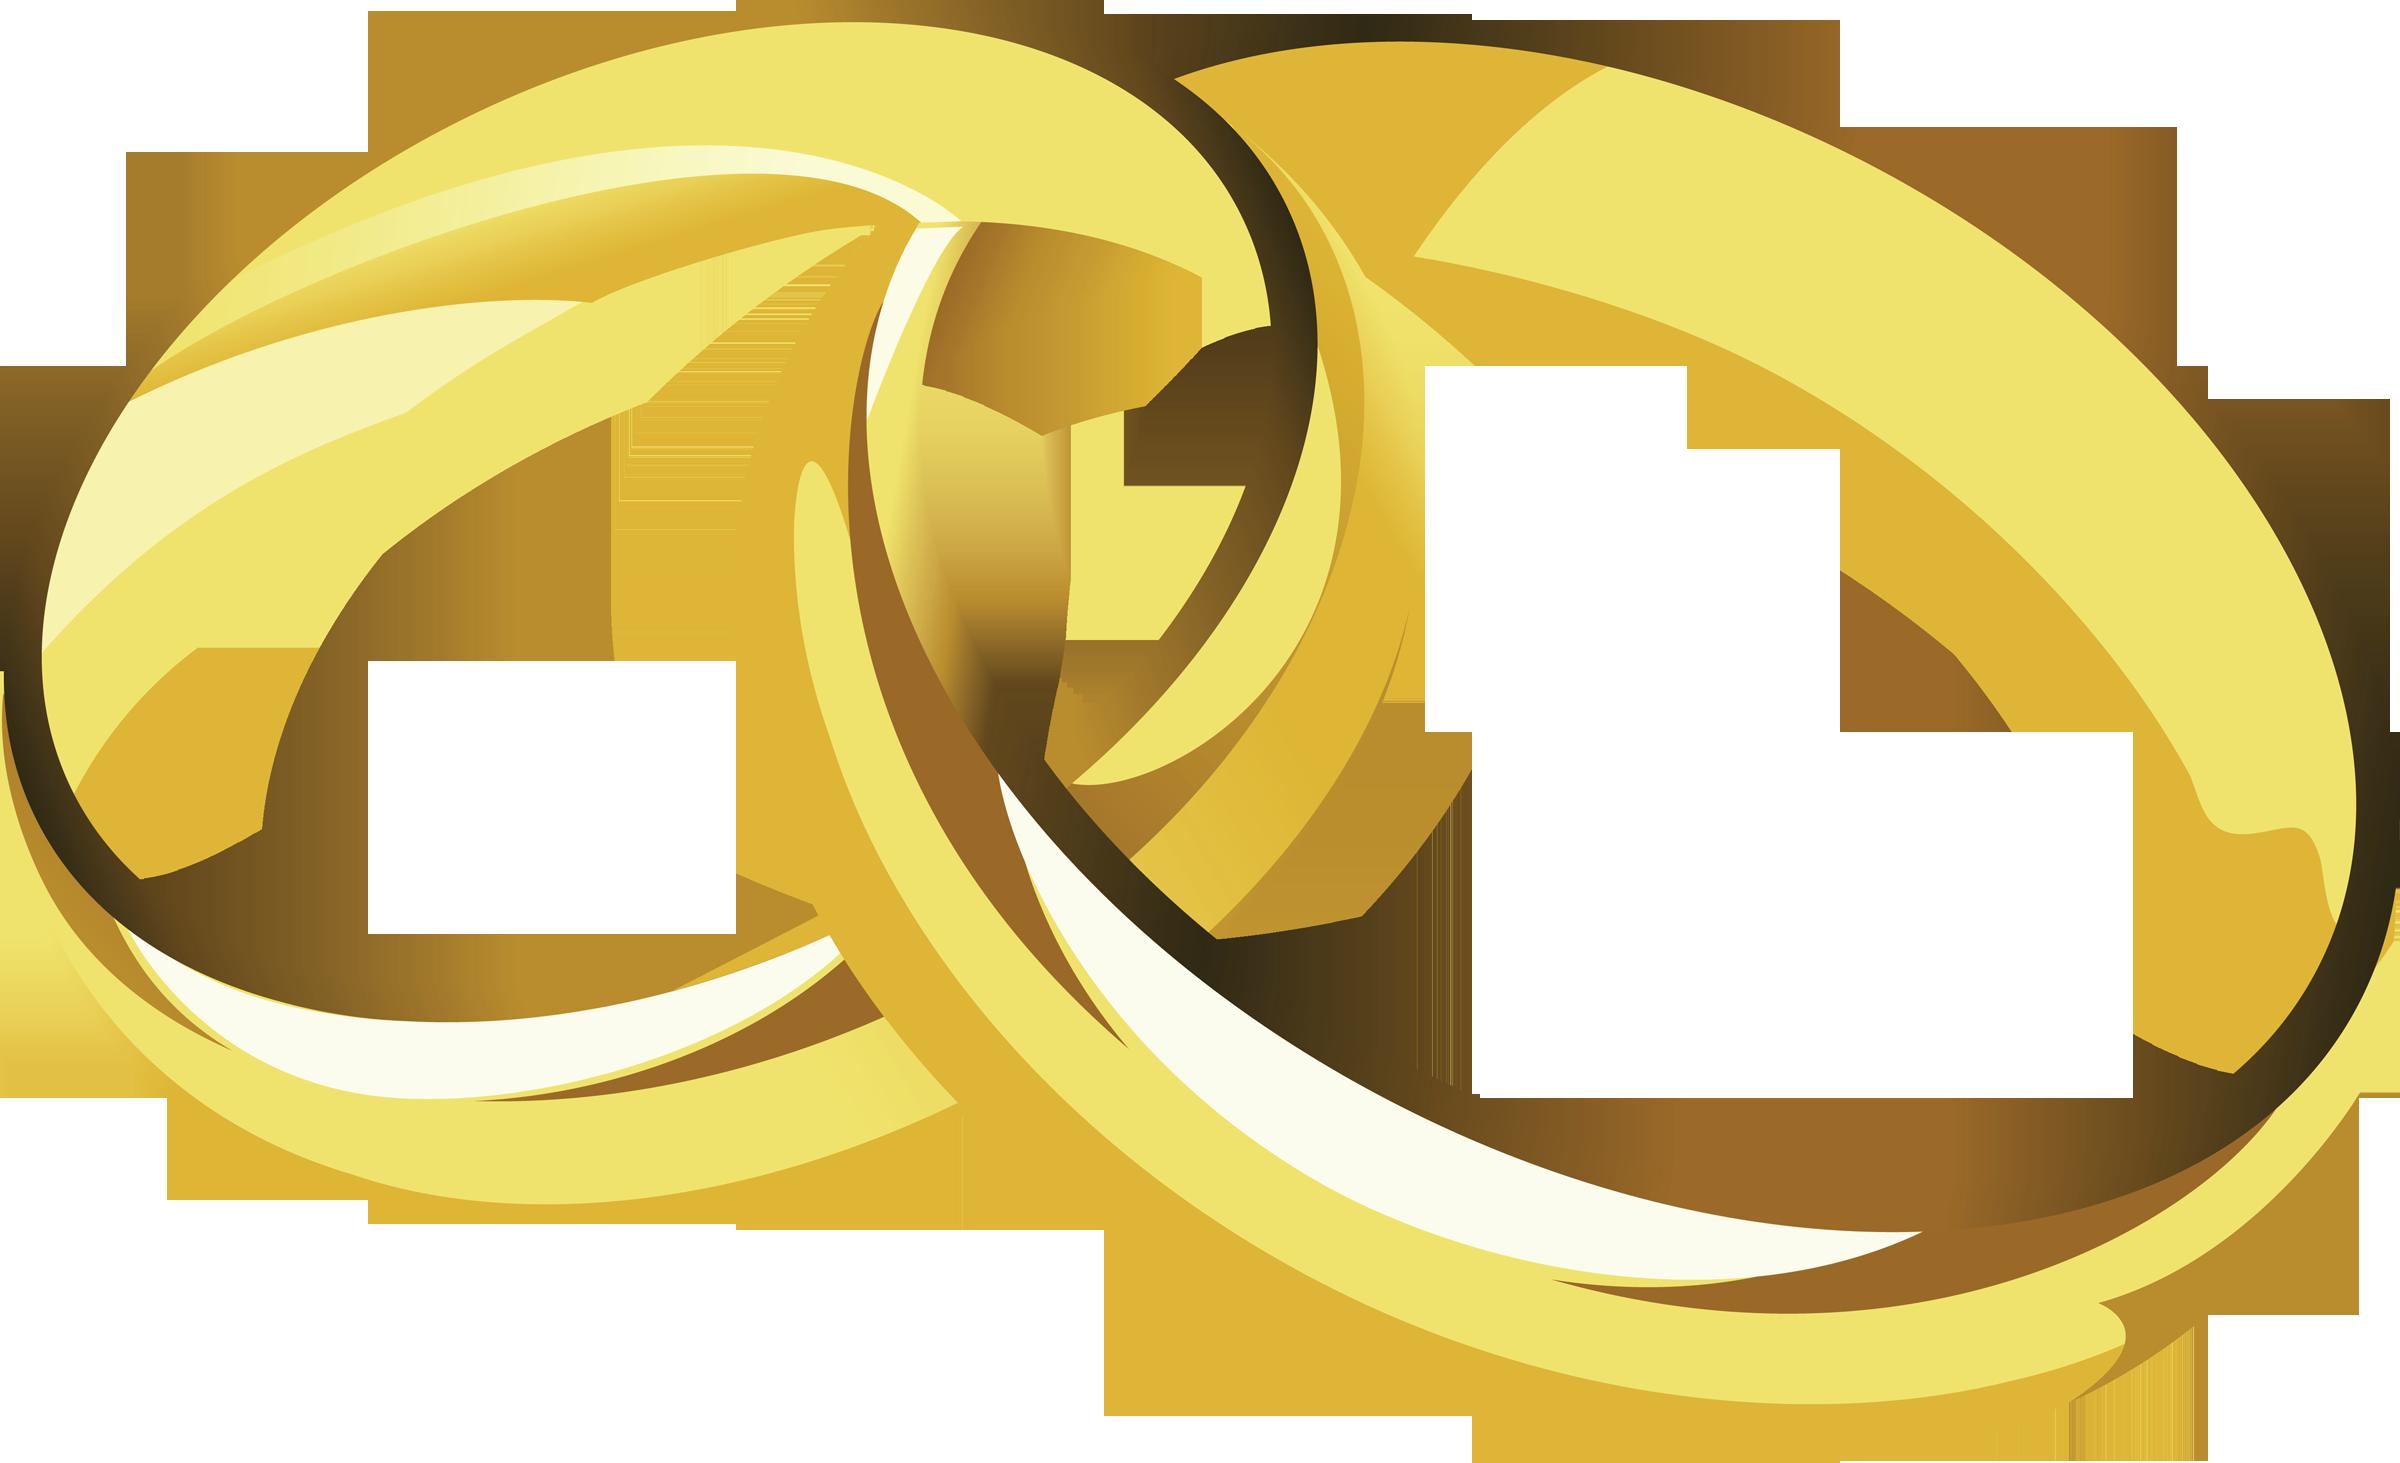 Wedding ring clipart tumundografico 4-Wedding ring clipart tumundografico 4-17